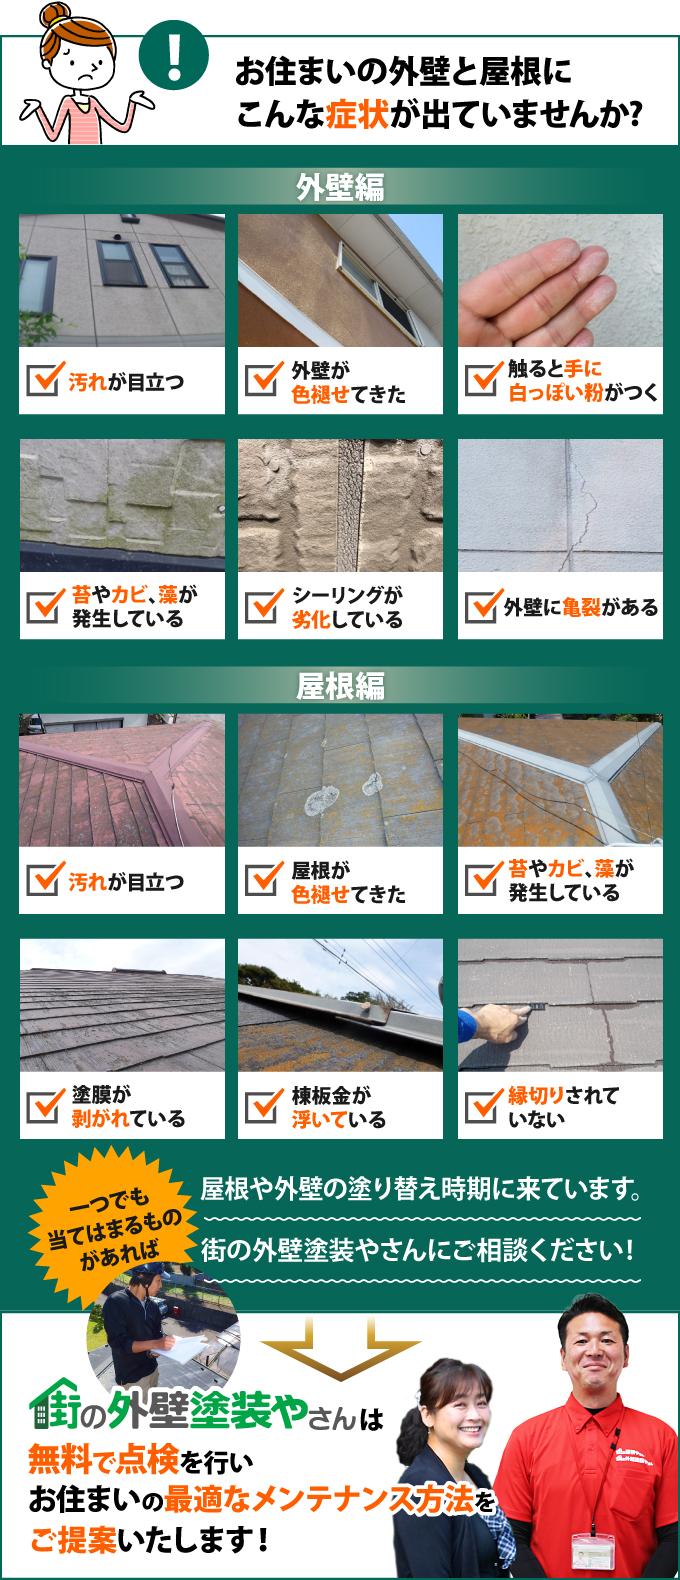 汚れが目立つ、外壁・屋根が色褪せてきた、触ると手に白っぽい粉がつく、苔やカビ、藻が発生している、シーリングが劣化している、外壁に亀裂がある、塗膜が剥がれている、棟板金が浮いている、縁切りされていない、などの症状が出ている方は、街の外壁塗装やさんで無料で点検を行いませんか?最適なメンテナンス方法をご提案します!